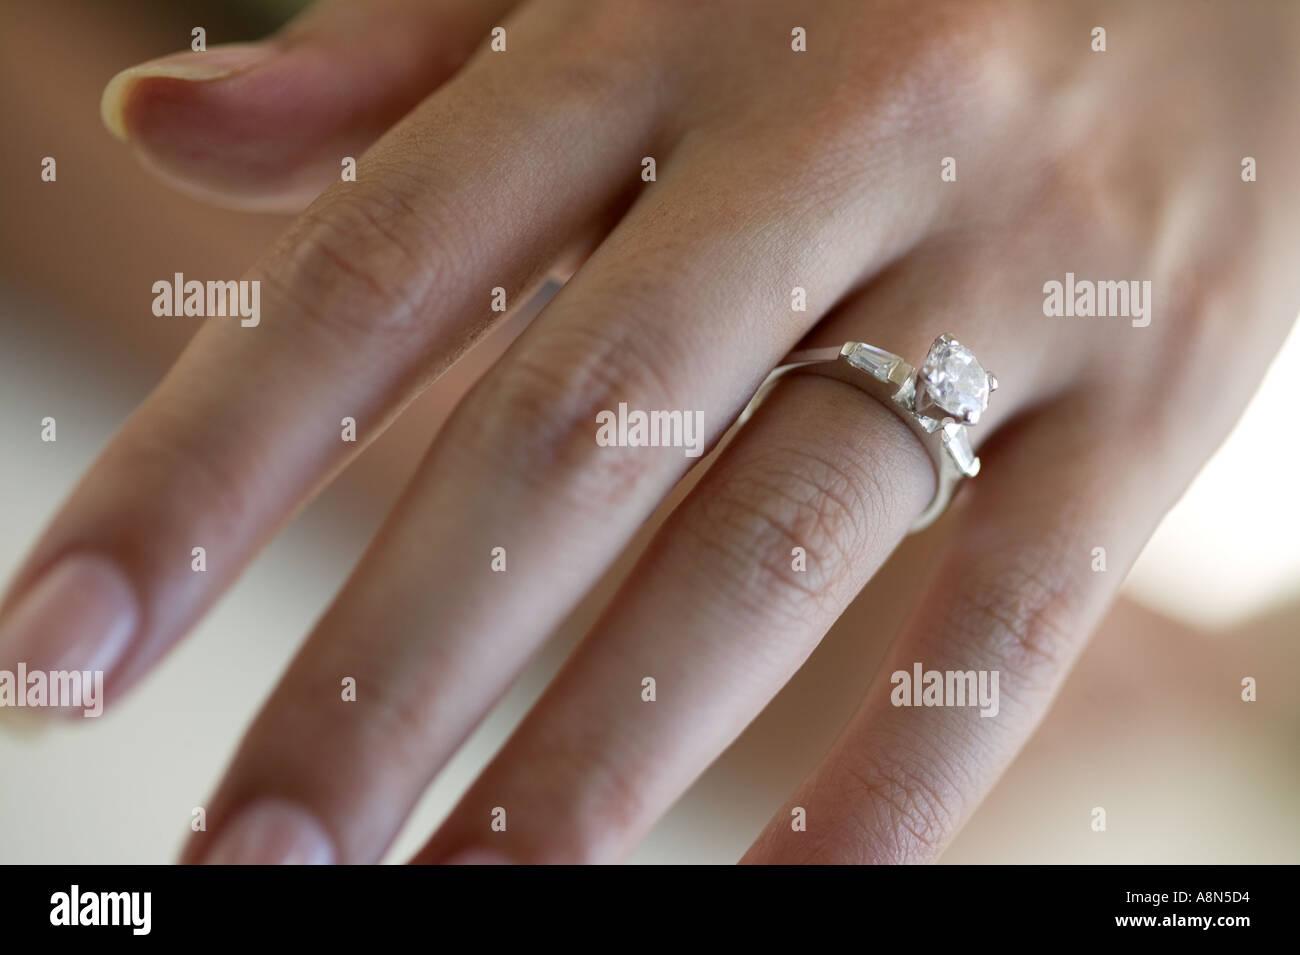 Frau S Hand Tragen Einen Verlobungsring Stockfoto Bild 2250195 Alamy